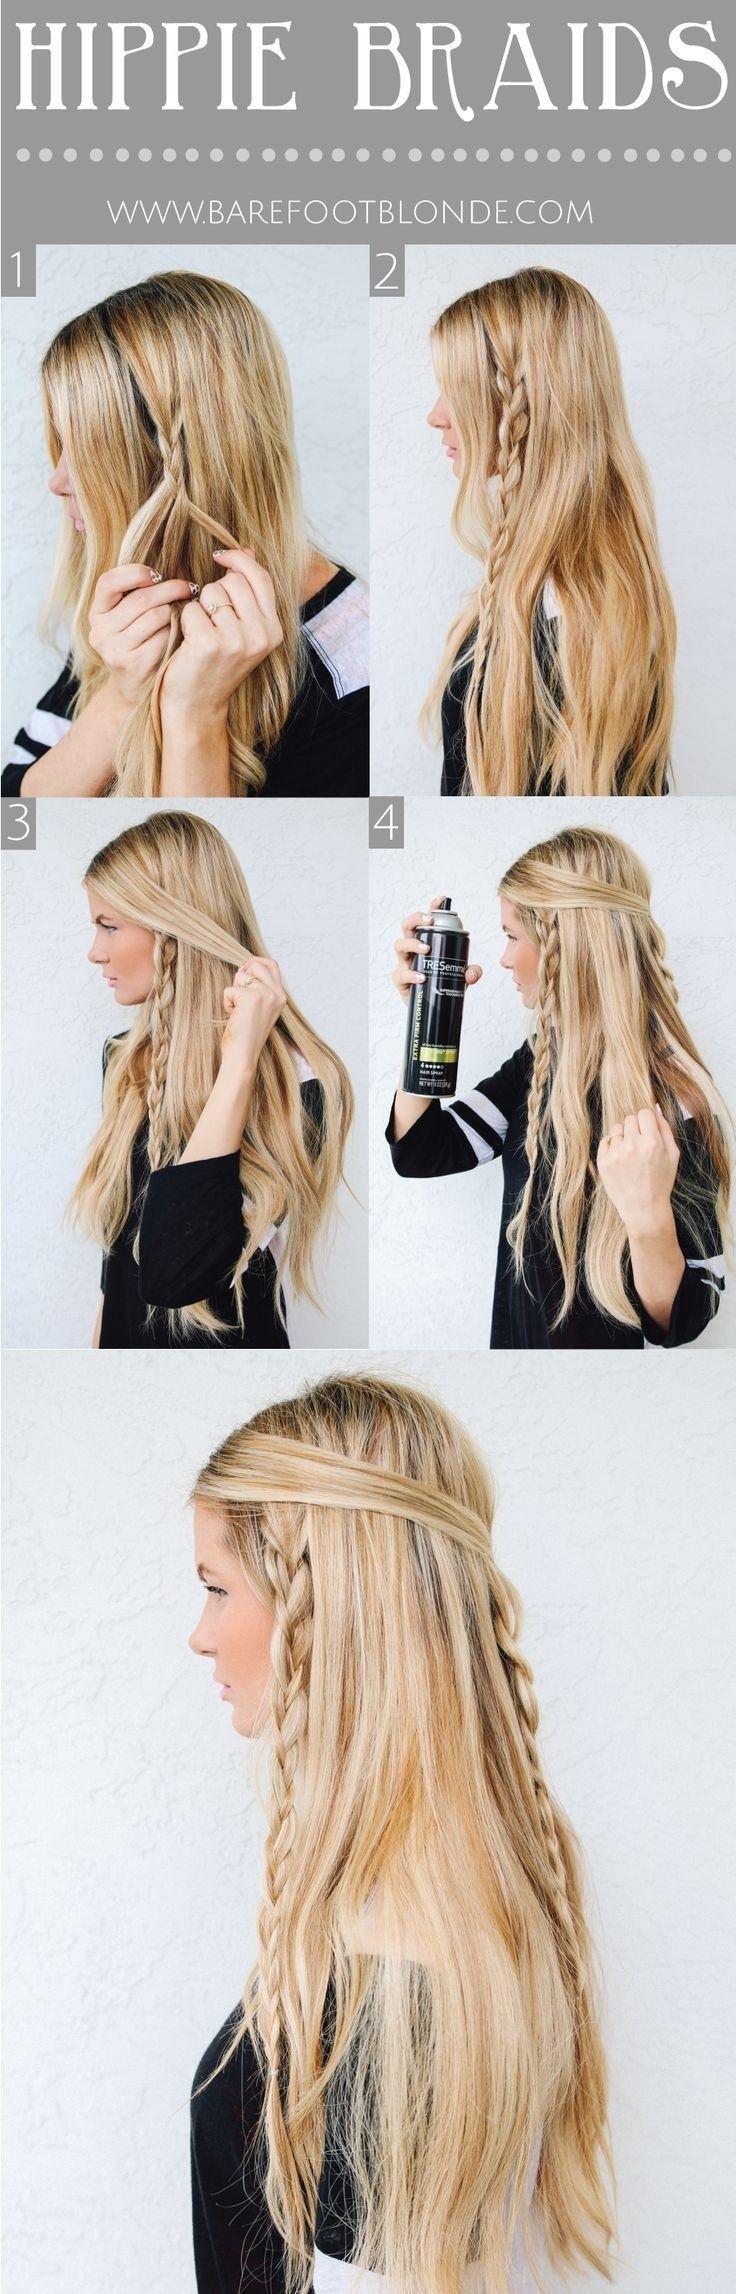 Cute easy braided hairstyle tutorial for long hair hippie braids